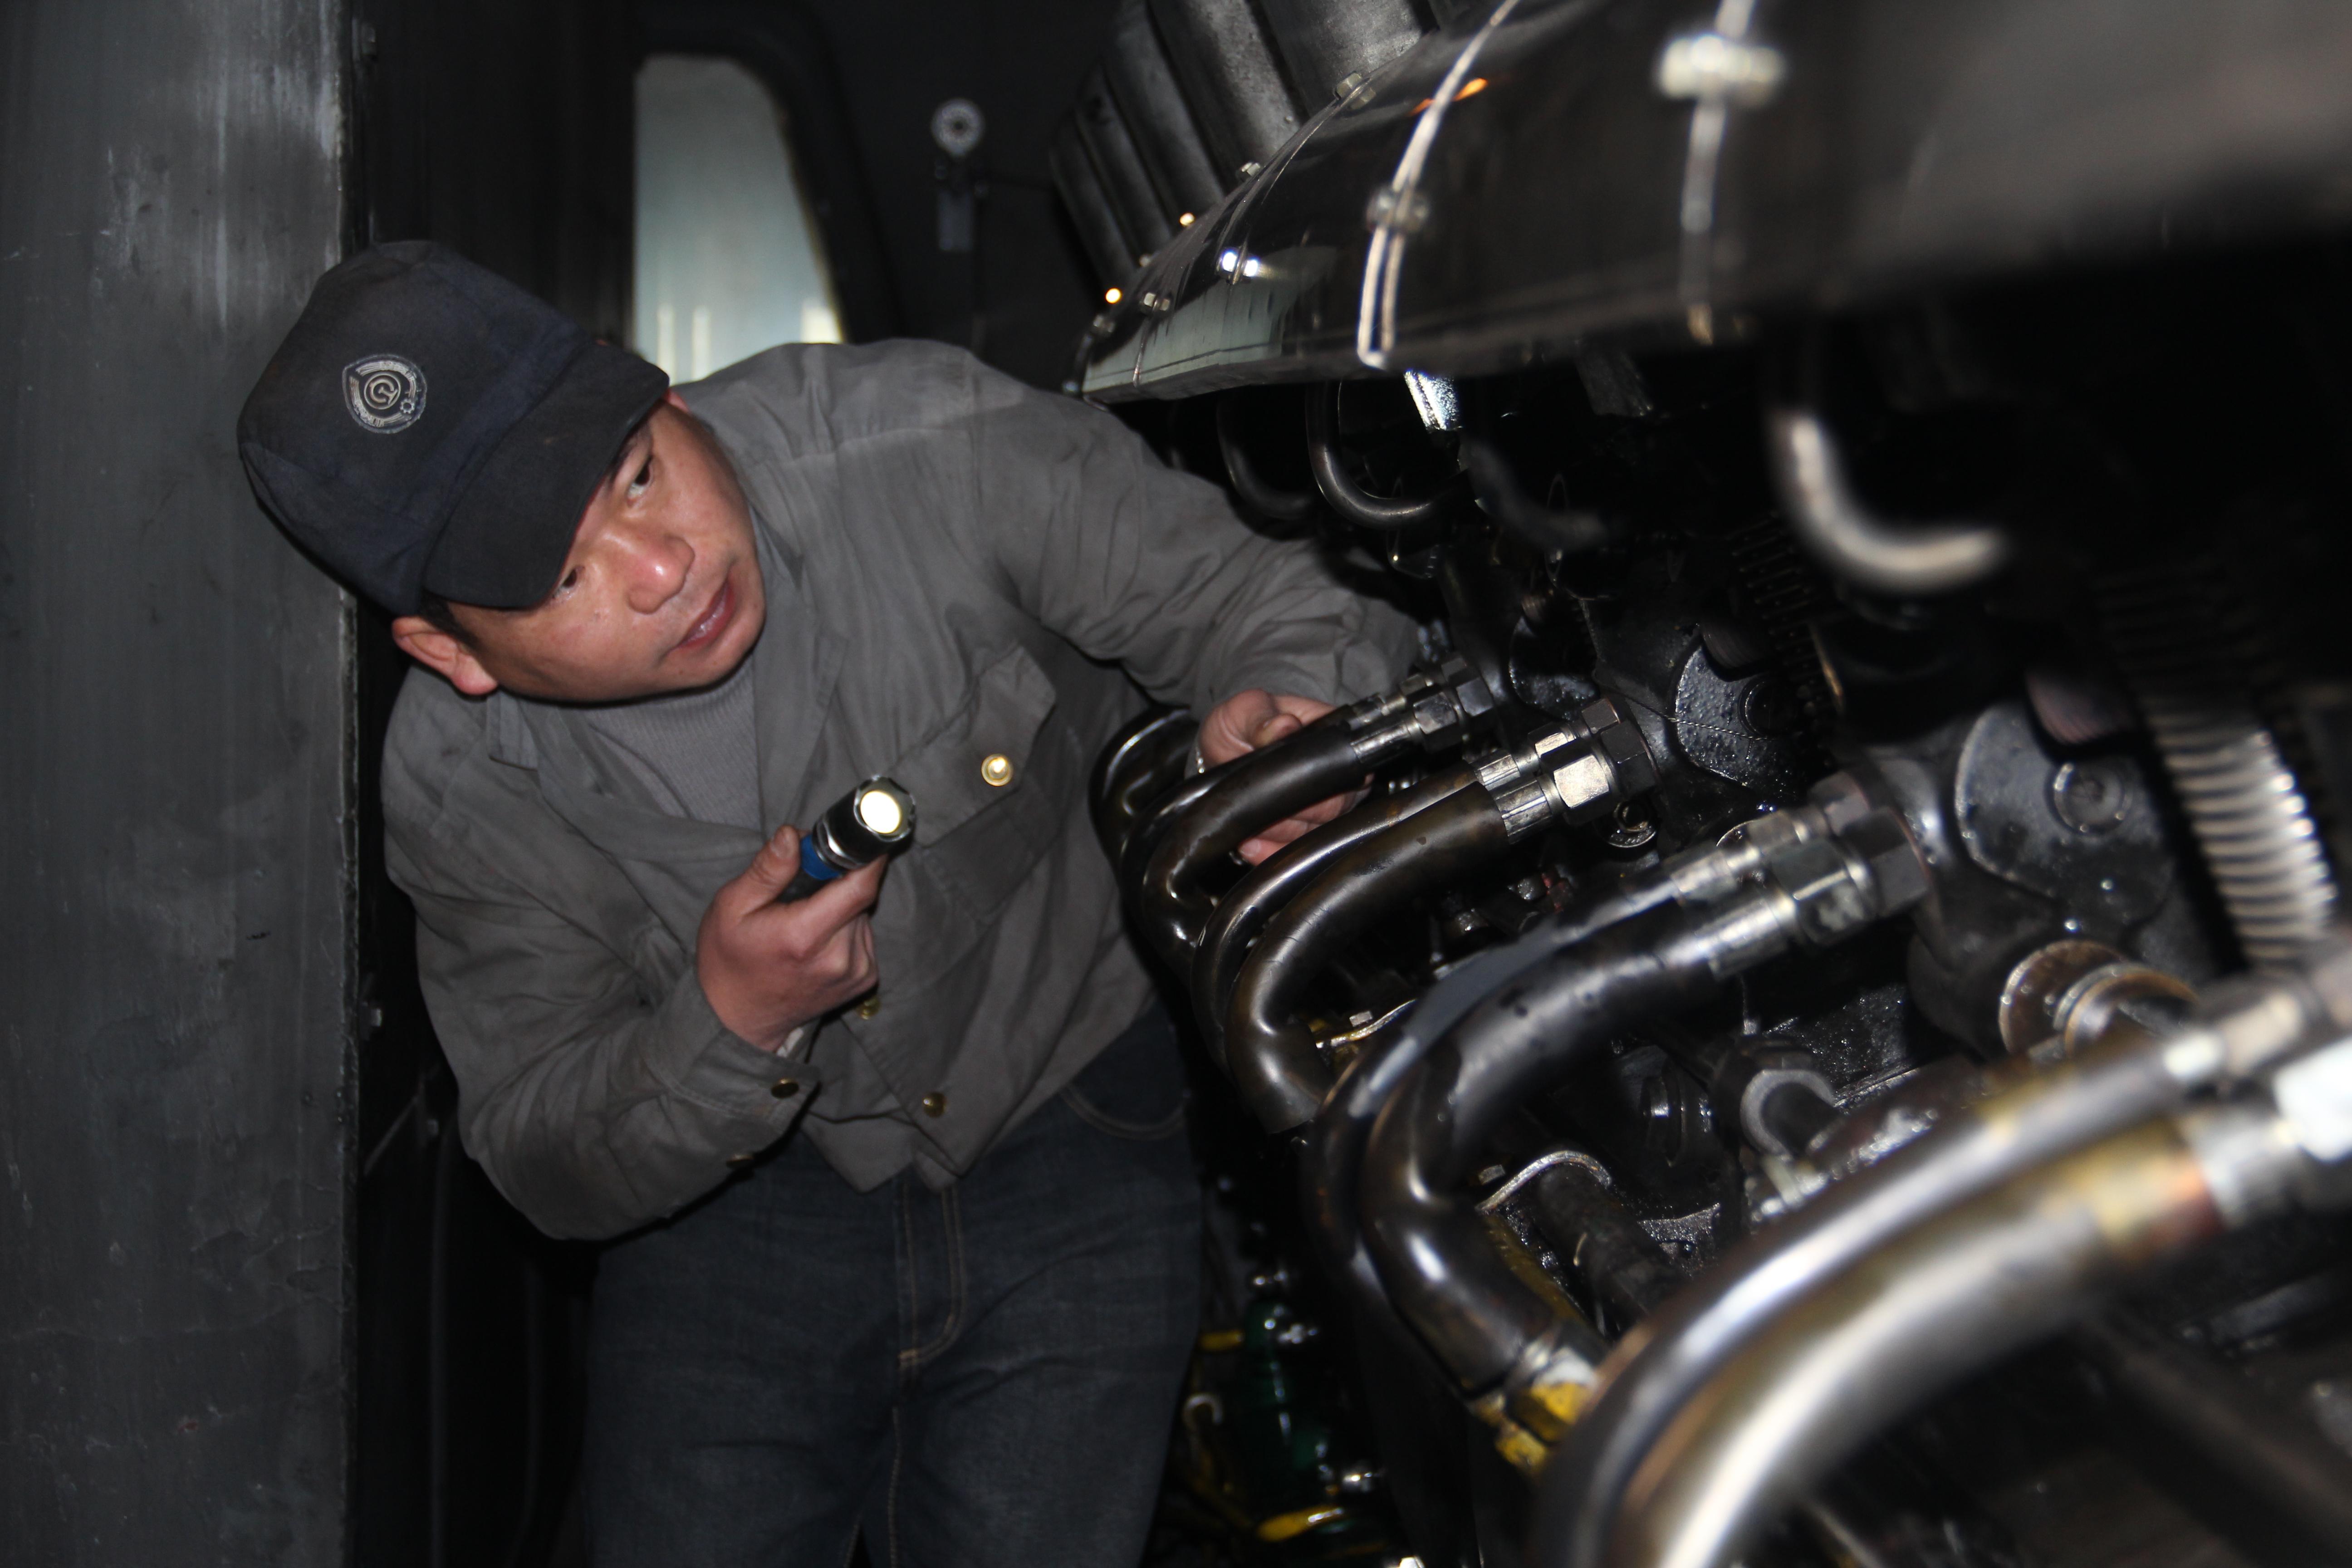 【改革•印记——看中国发展】赶上好时代的铁路修车人